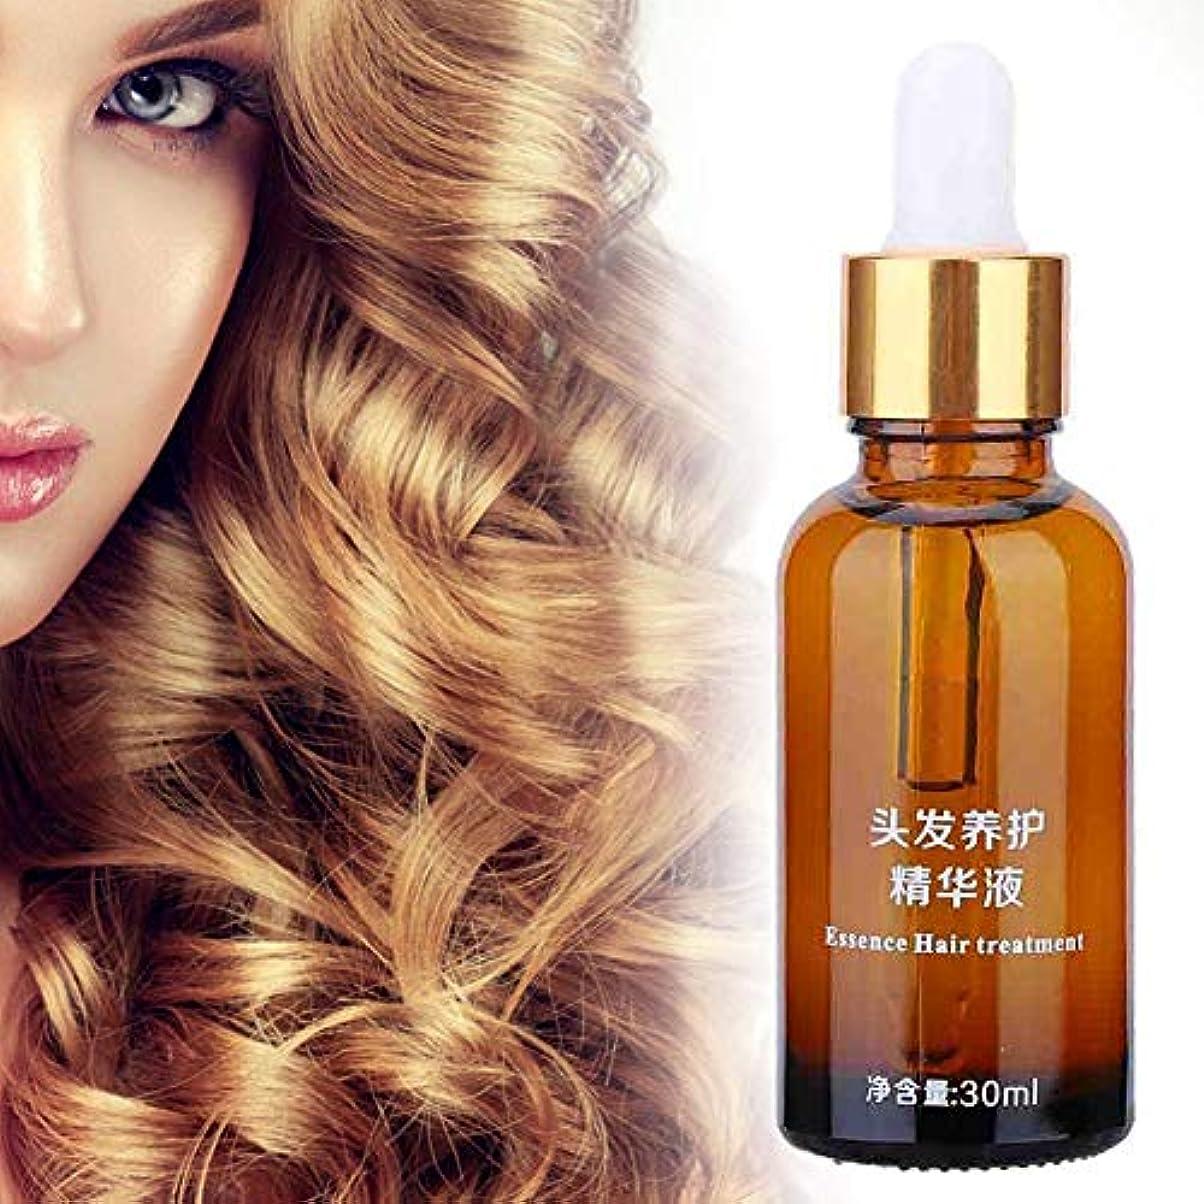 解決する修士号したがってヘアエッセンシャルオイル、頭皮の養毛を強化する毛根の乾燥によるダメージを減らしますヘアリペアエッセンシャル液体30ミリリットル